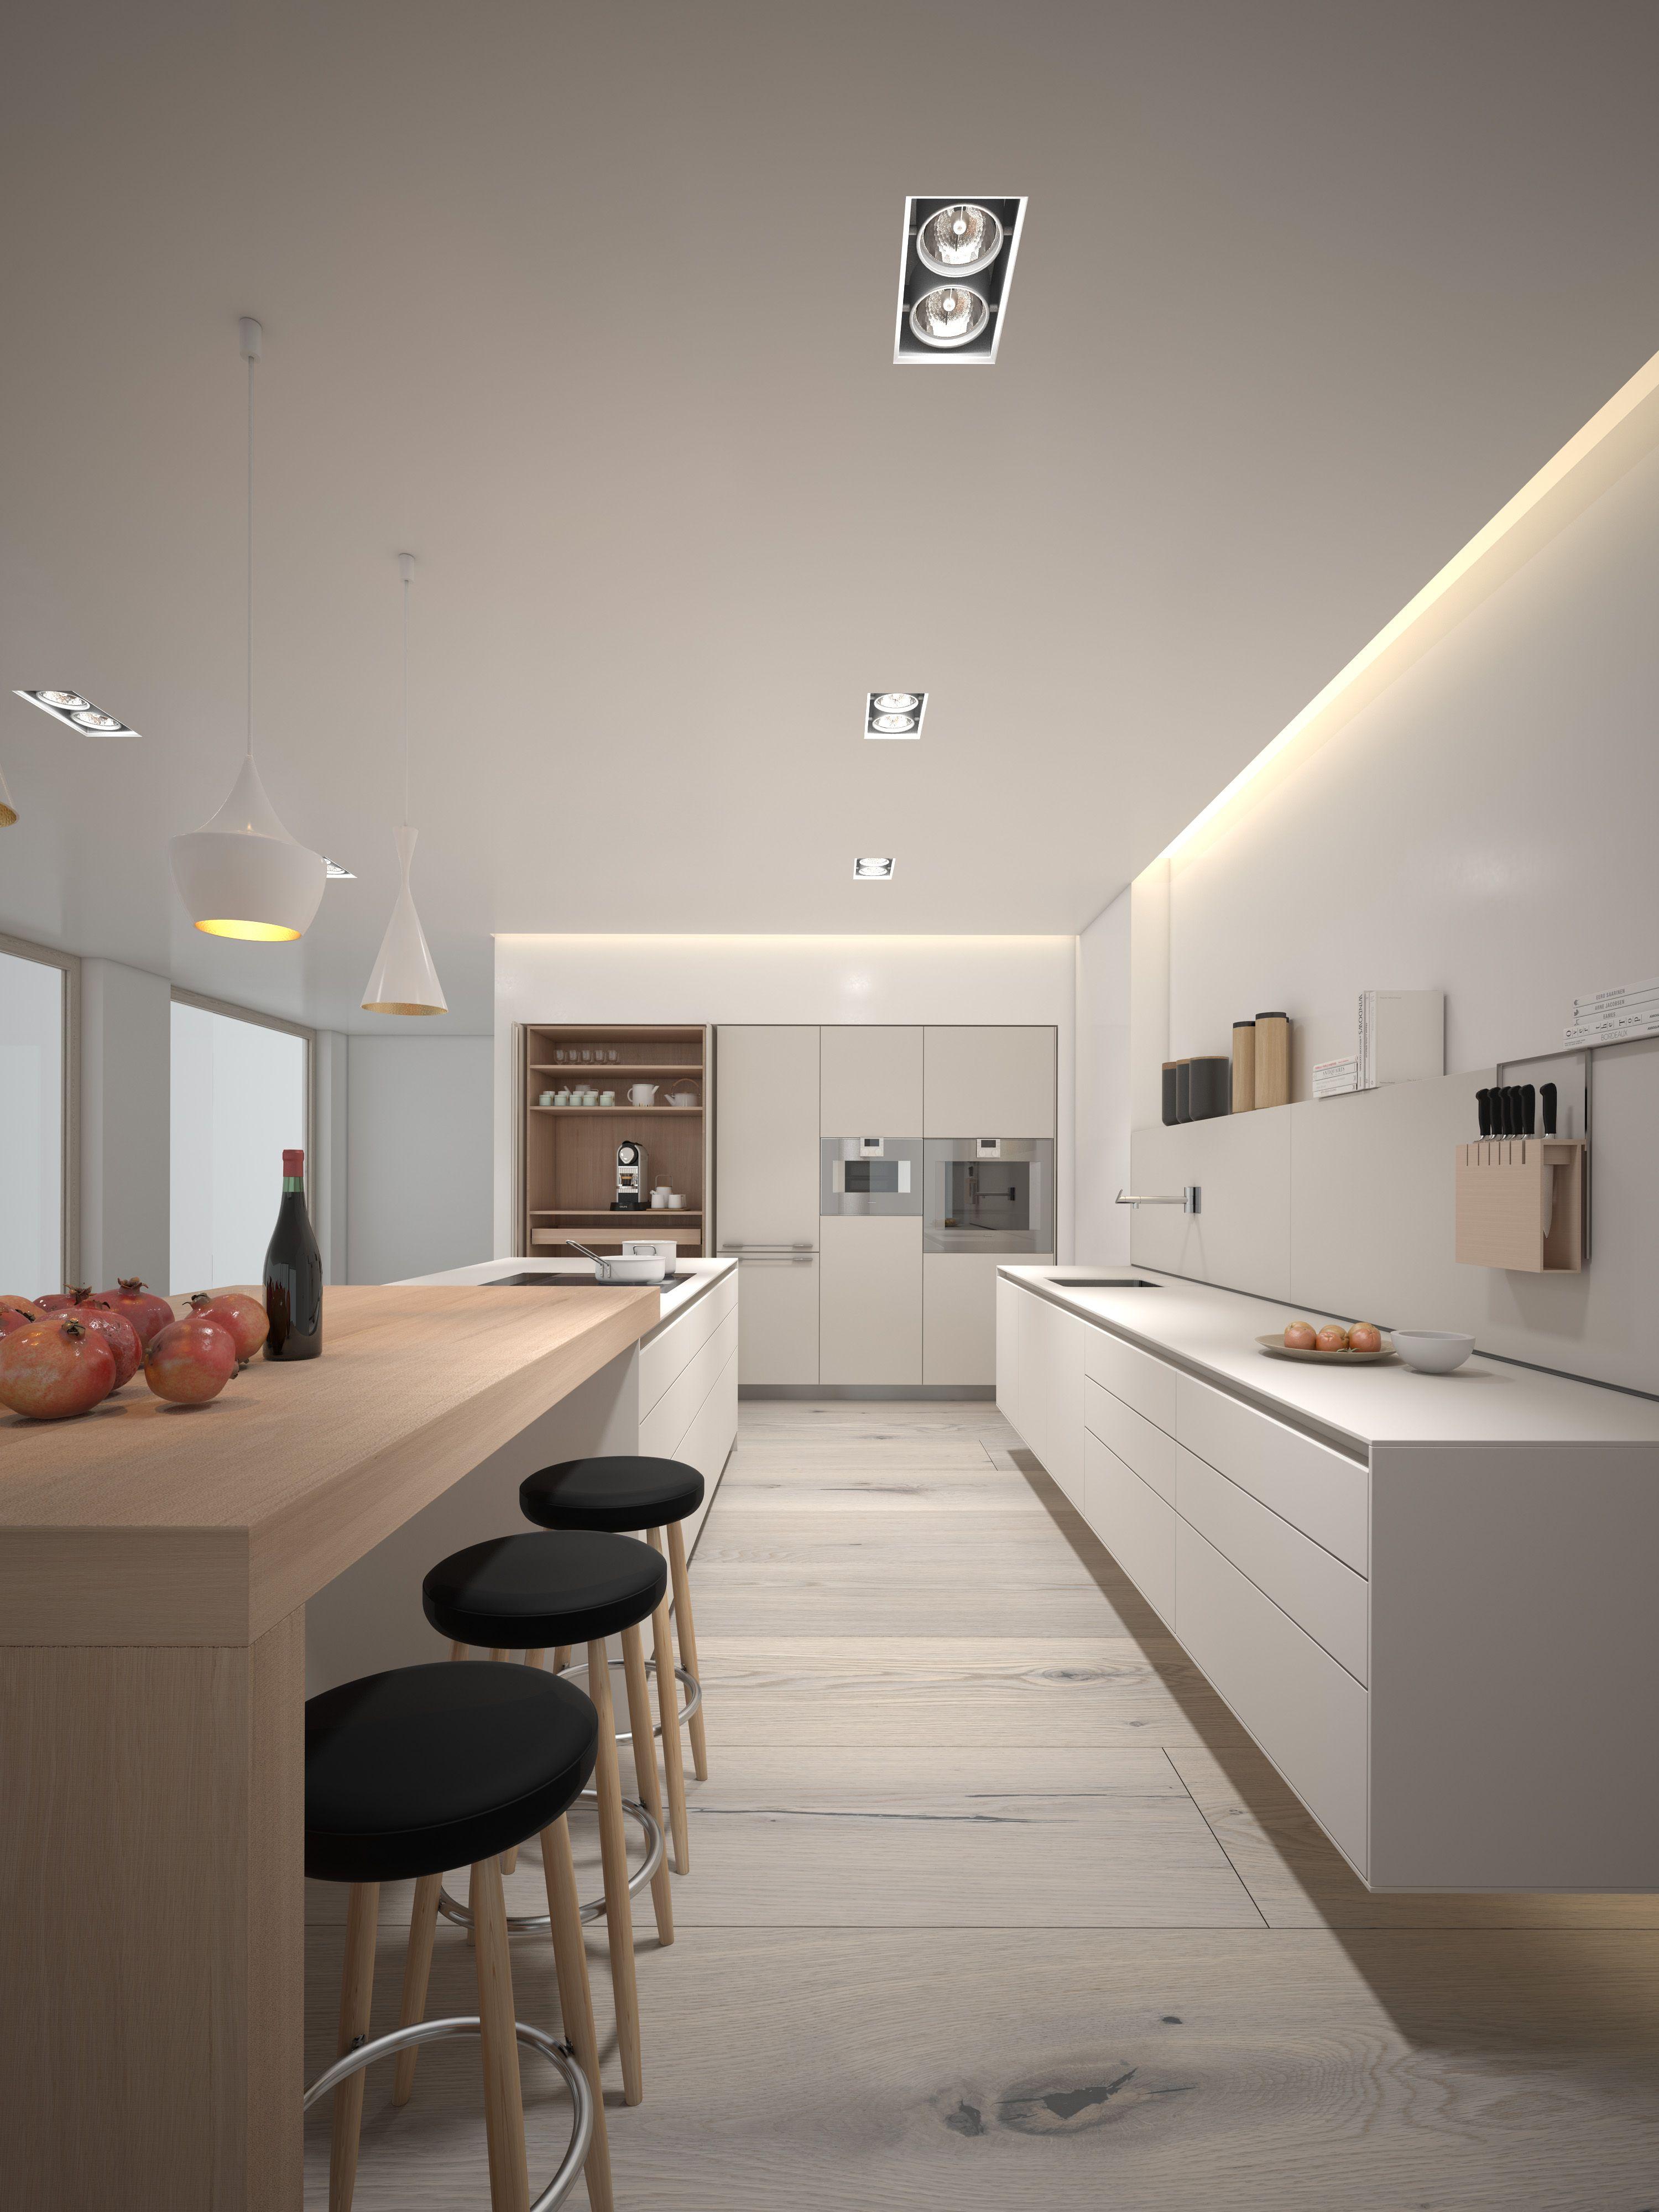 Kaolin + Oak B3 3d rendering | 3d visualization work | Pinterest ...